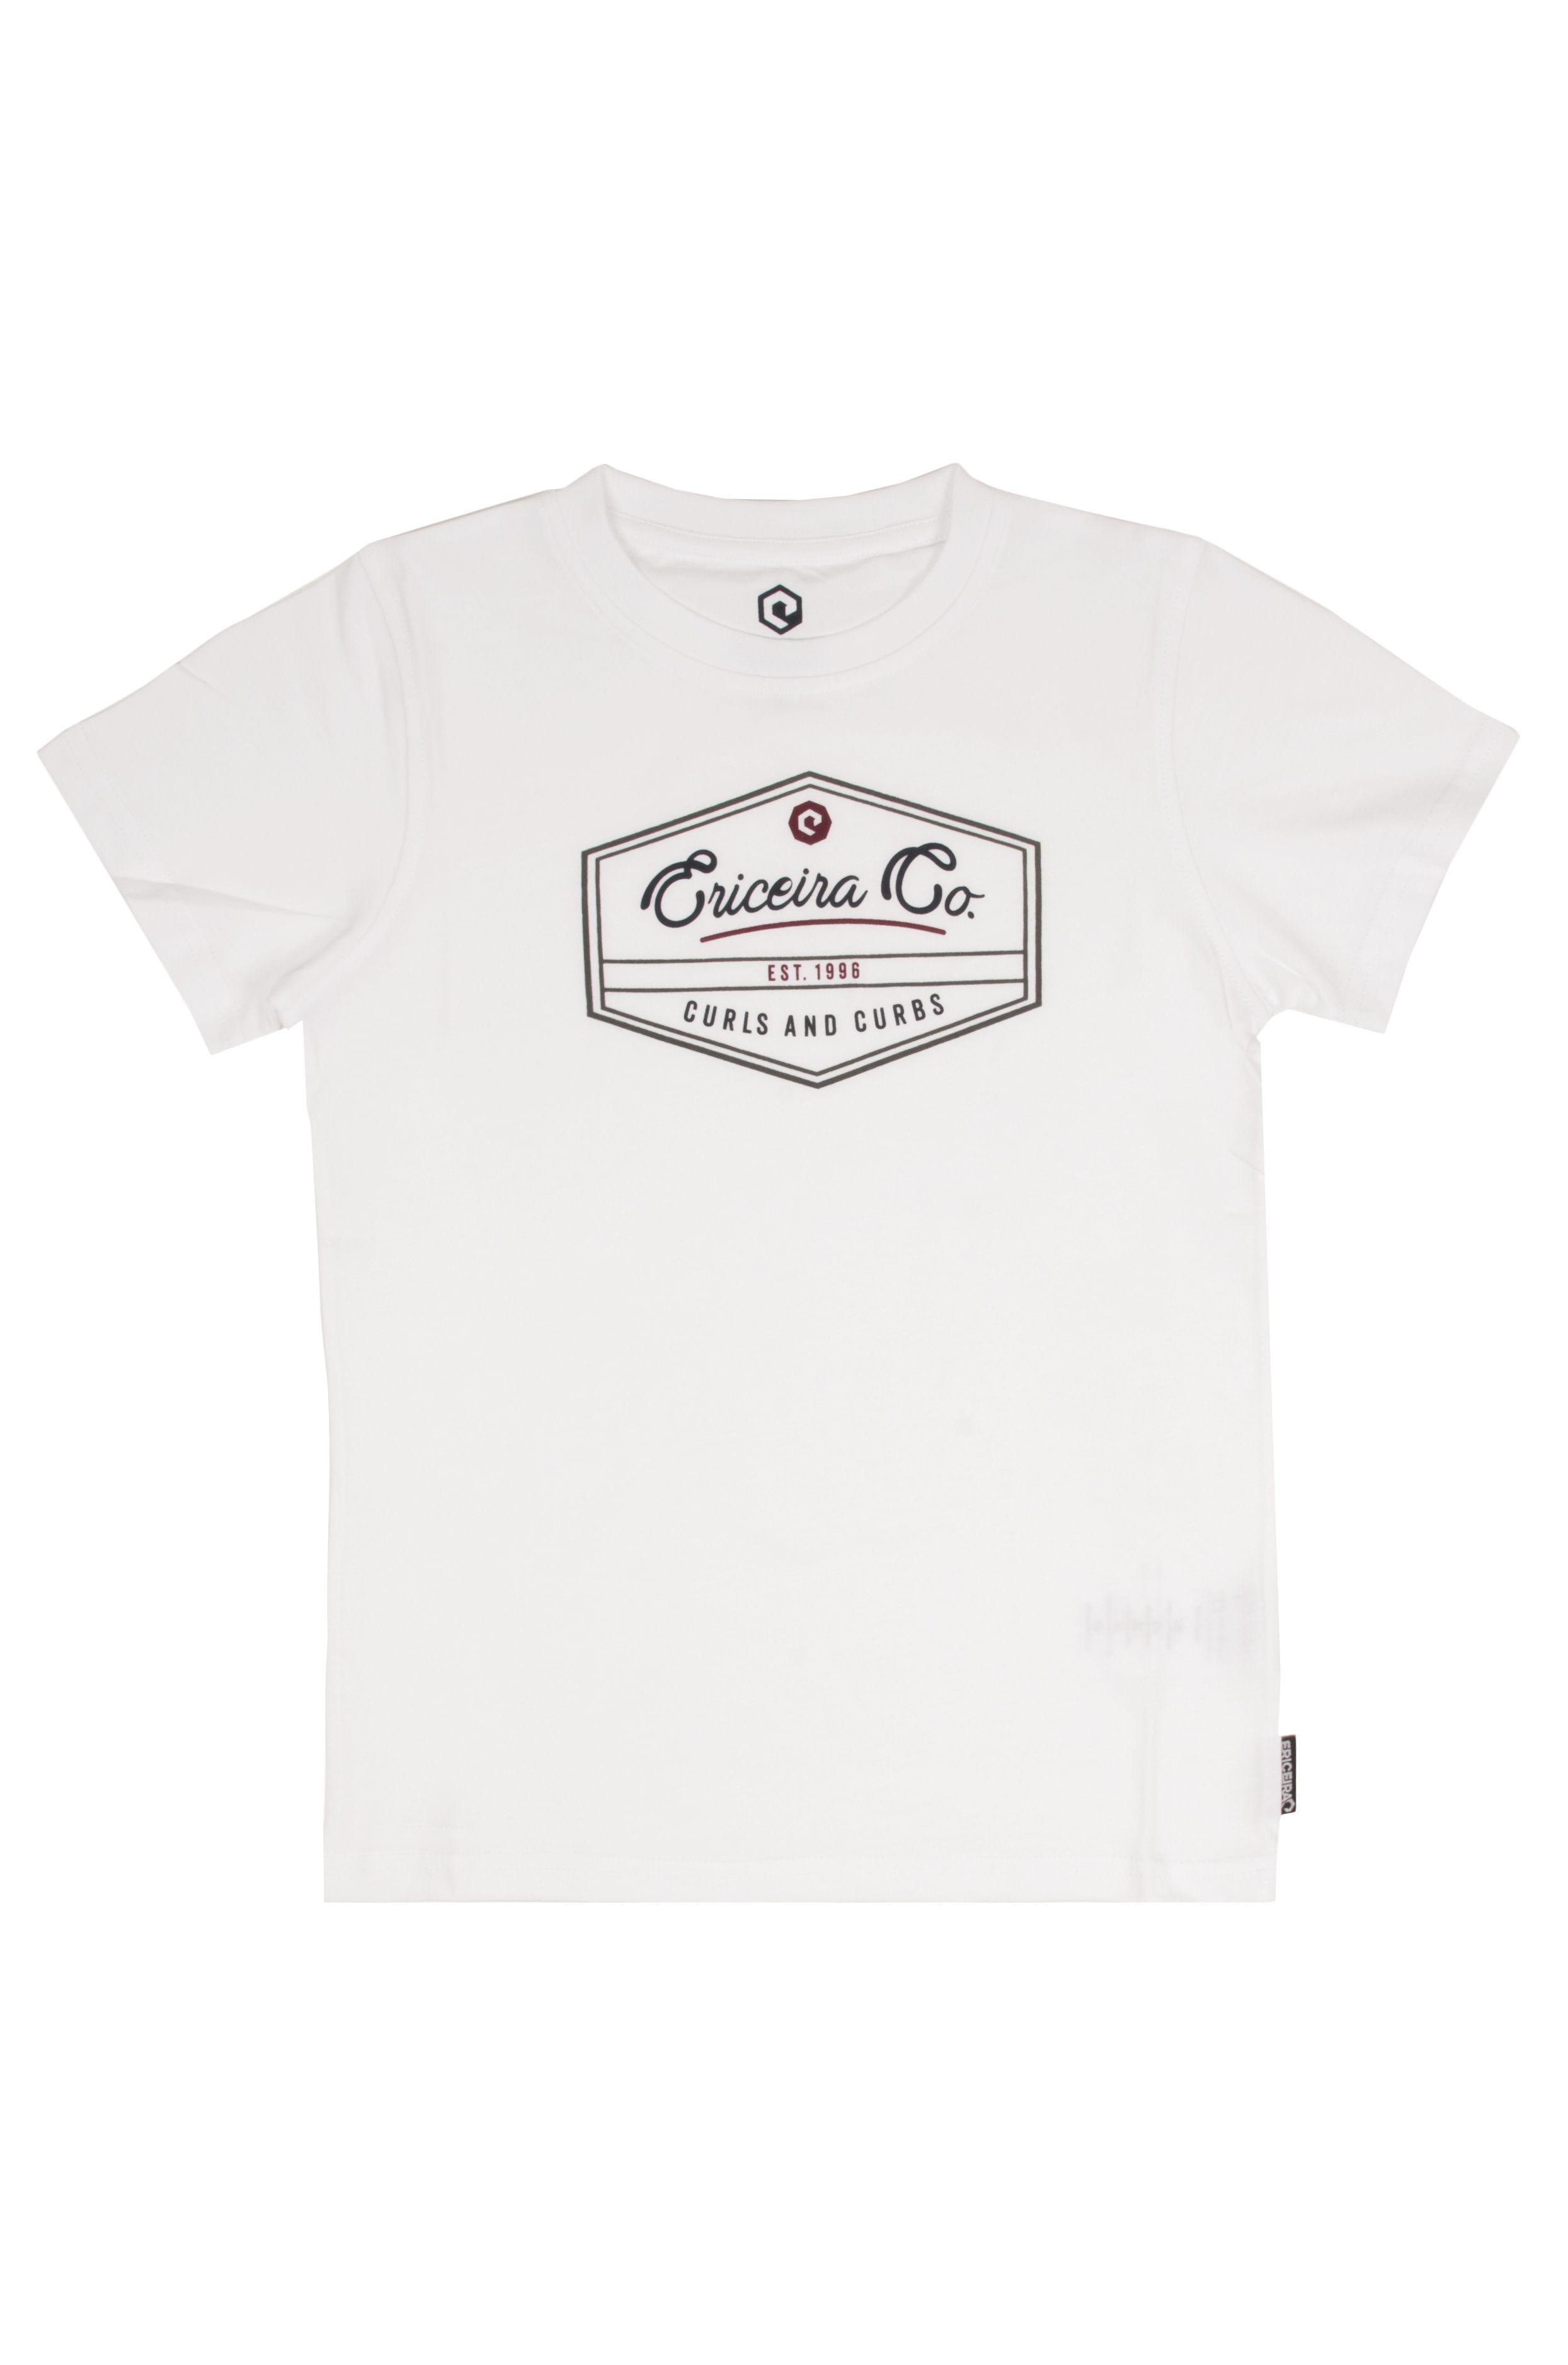 T-Shirt Ericeira Surf Skate HONEY BEE White